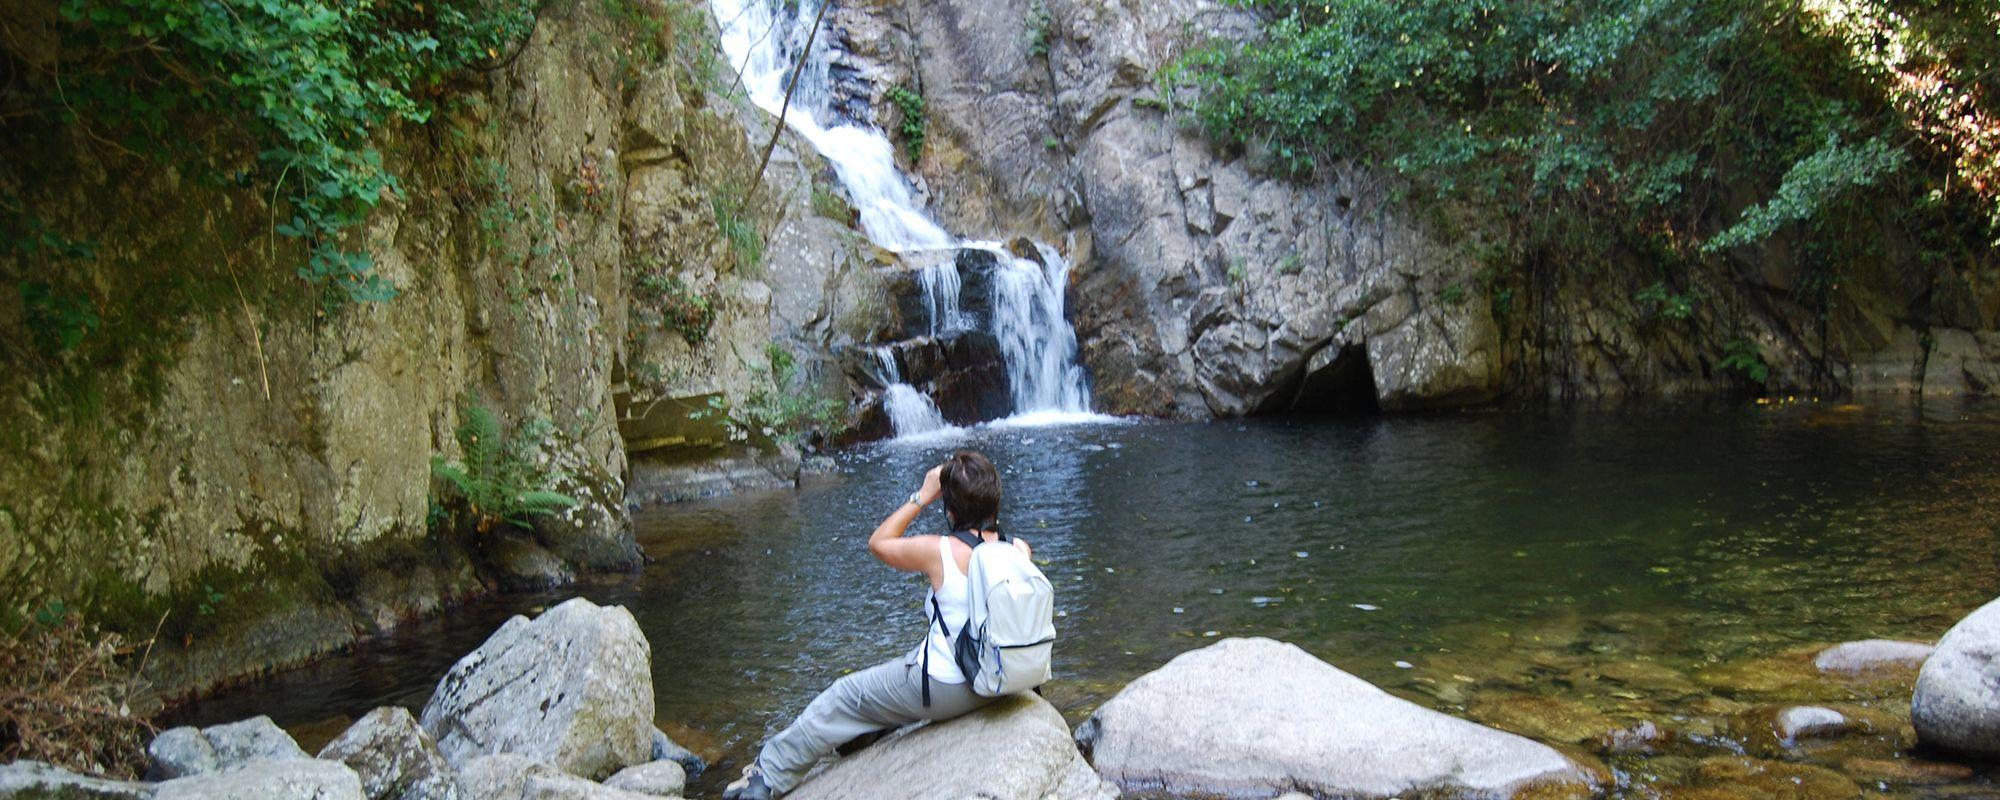 Marmarico; Laghetto alla base della cascata